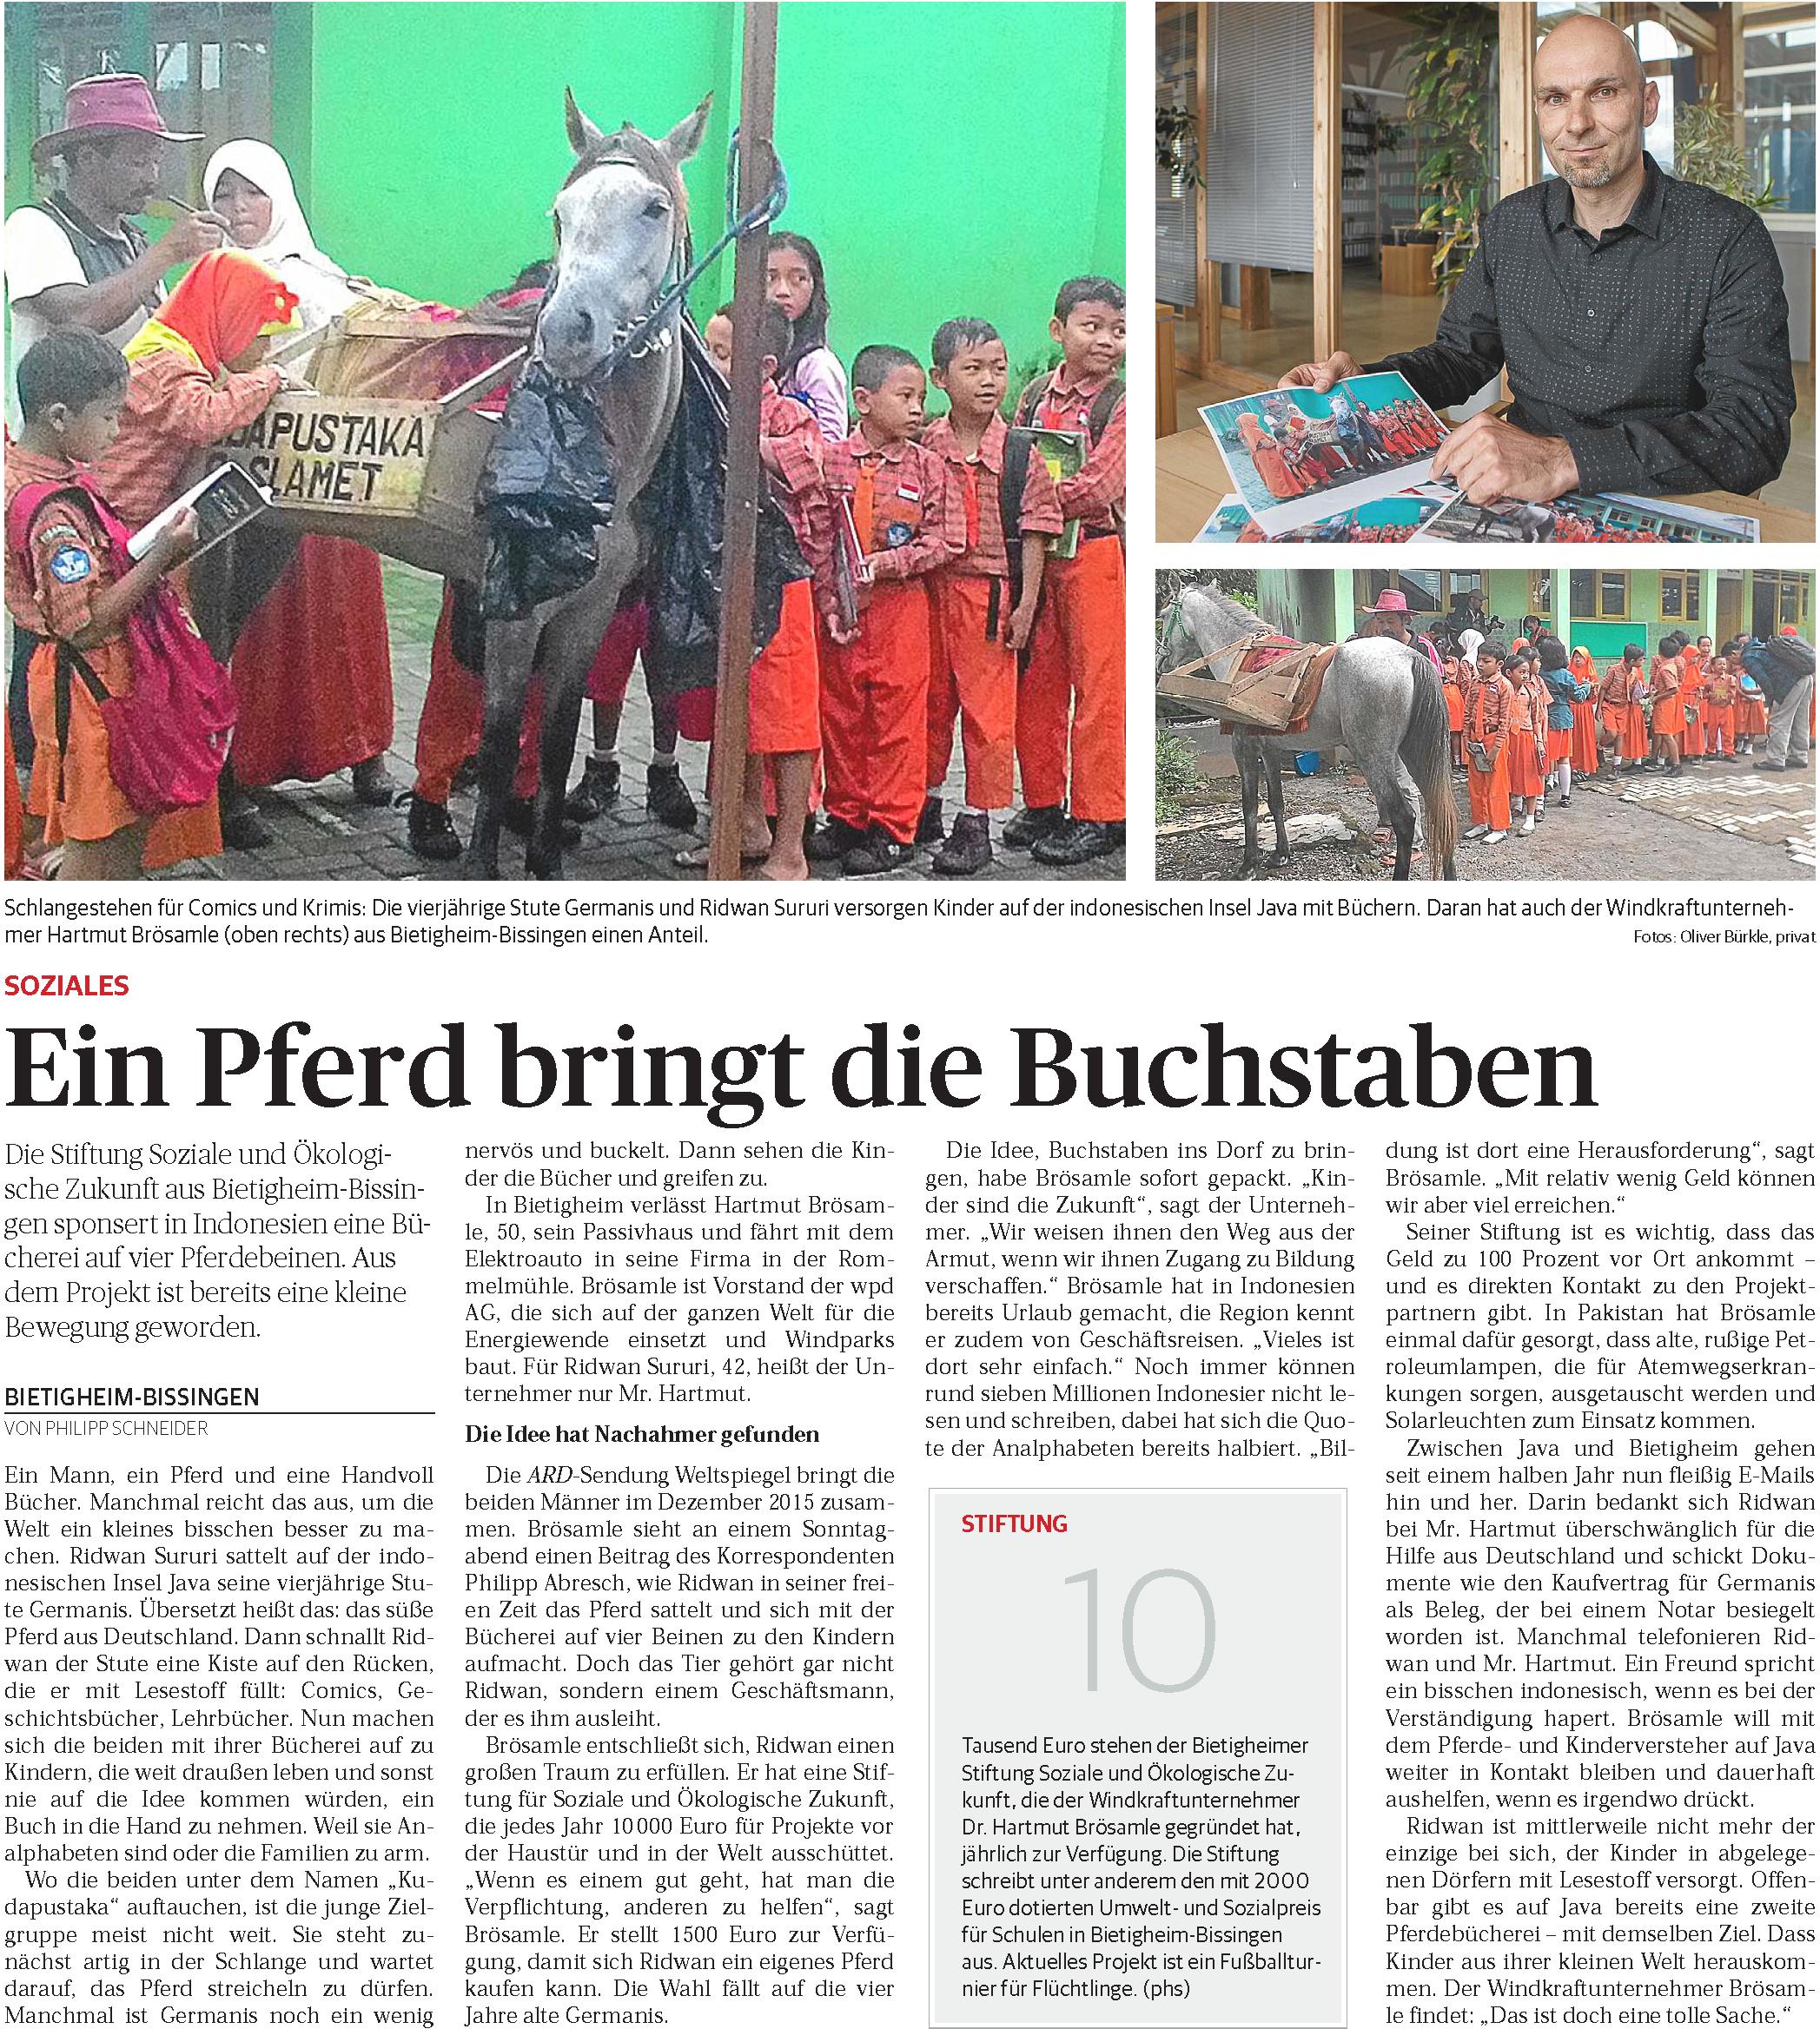 160610-lkz_ein-pferd-bringt-die-buchstaben